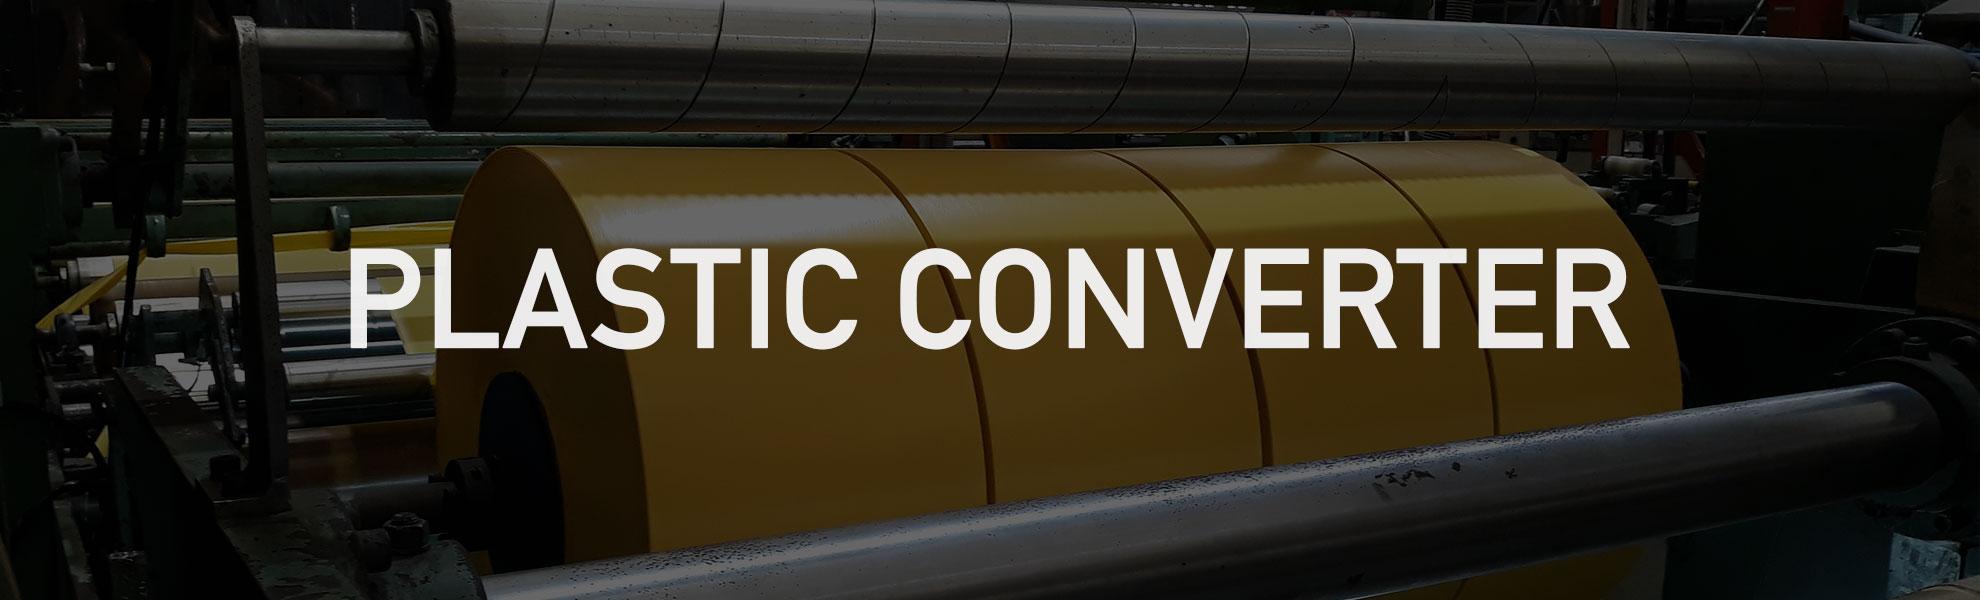 PLASTIC-CONVERTER